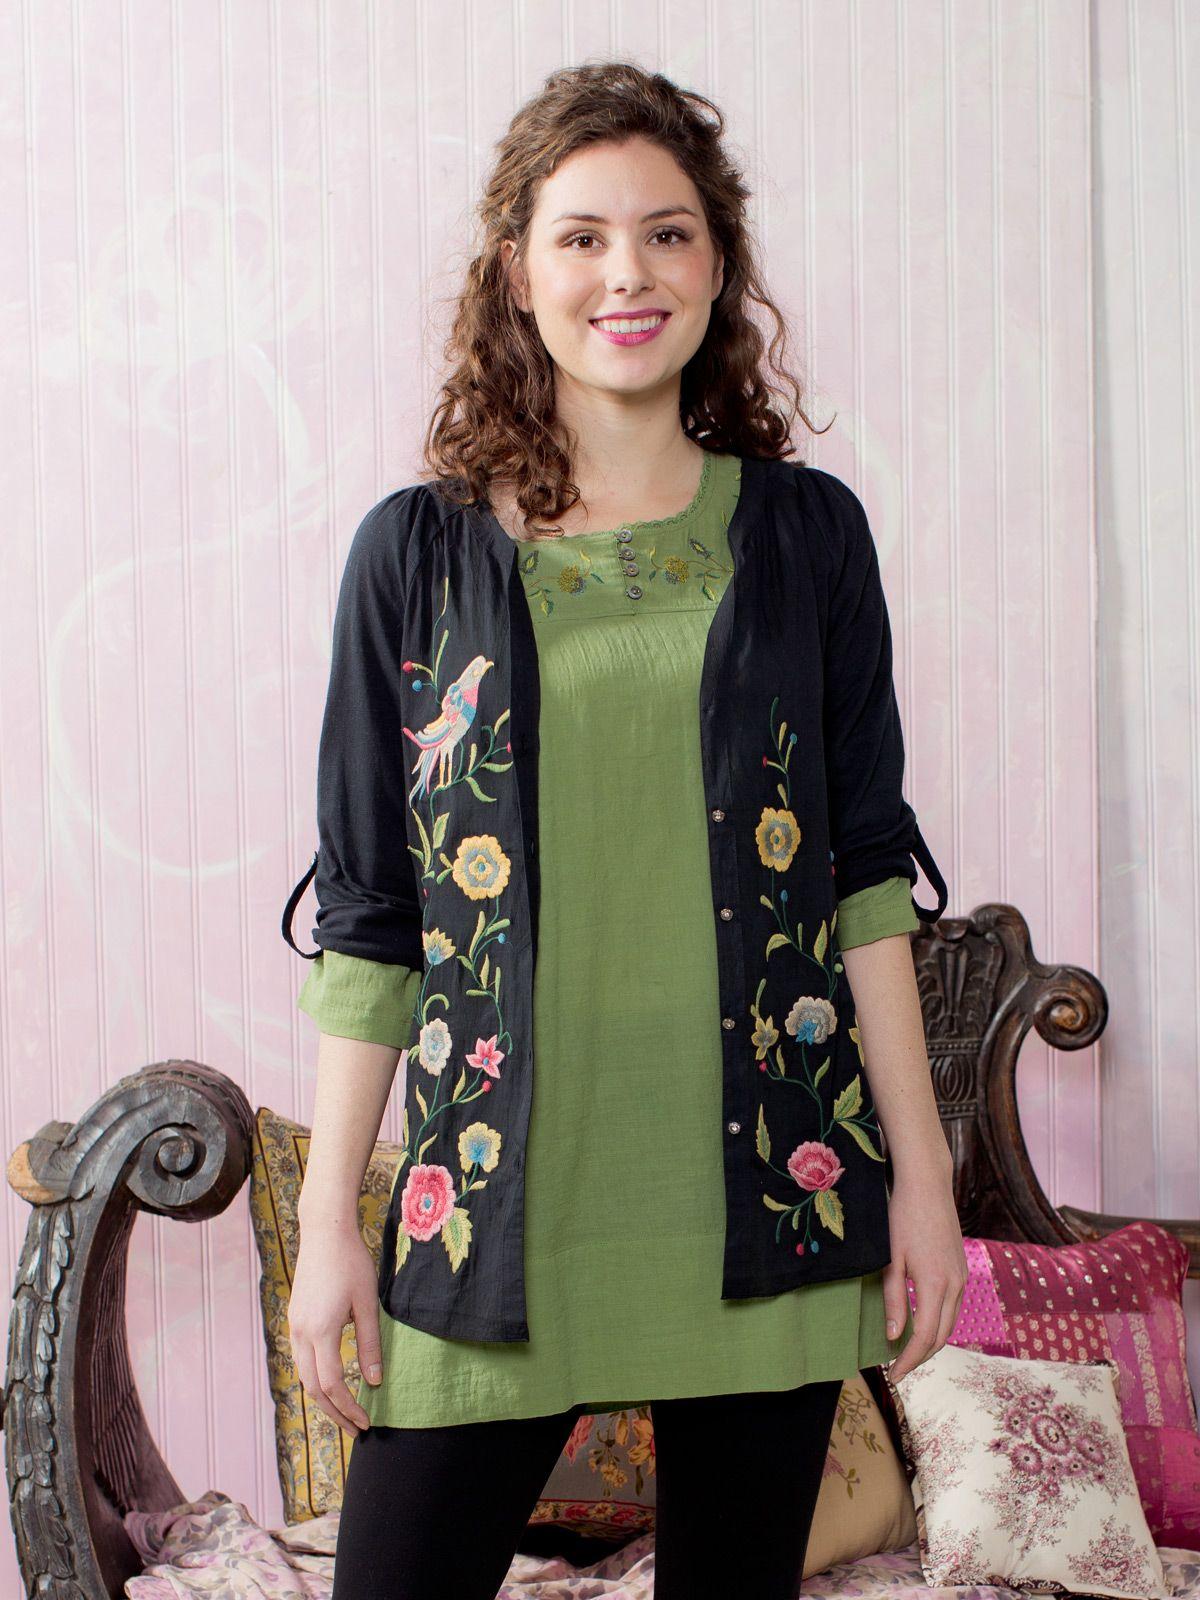 Hatley ladies blouse ladies plus size beautiful designs by april